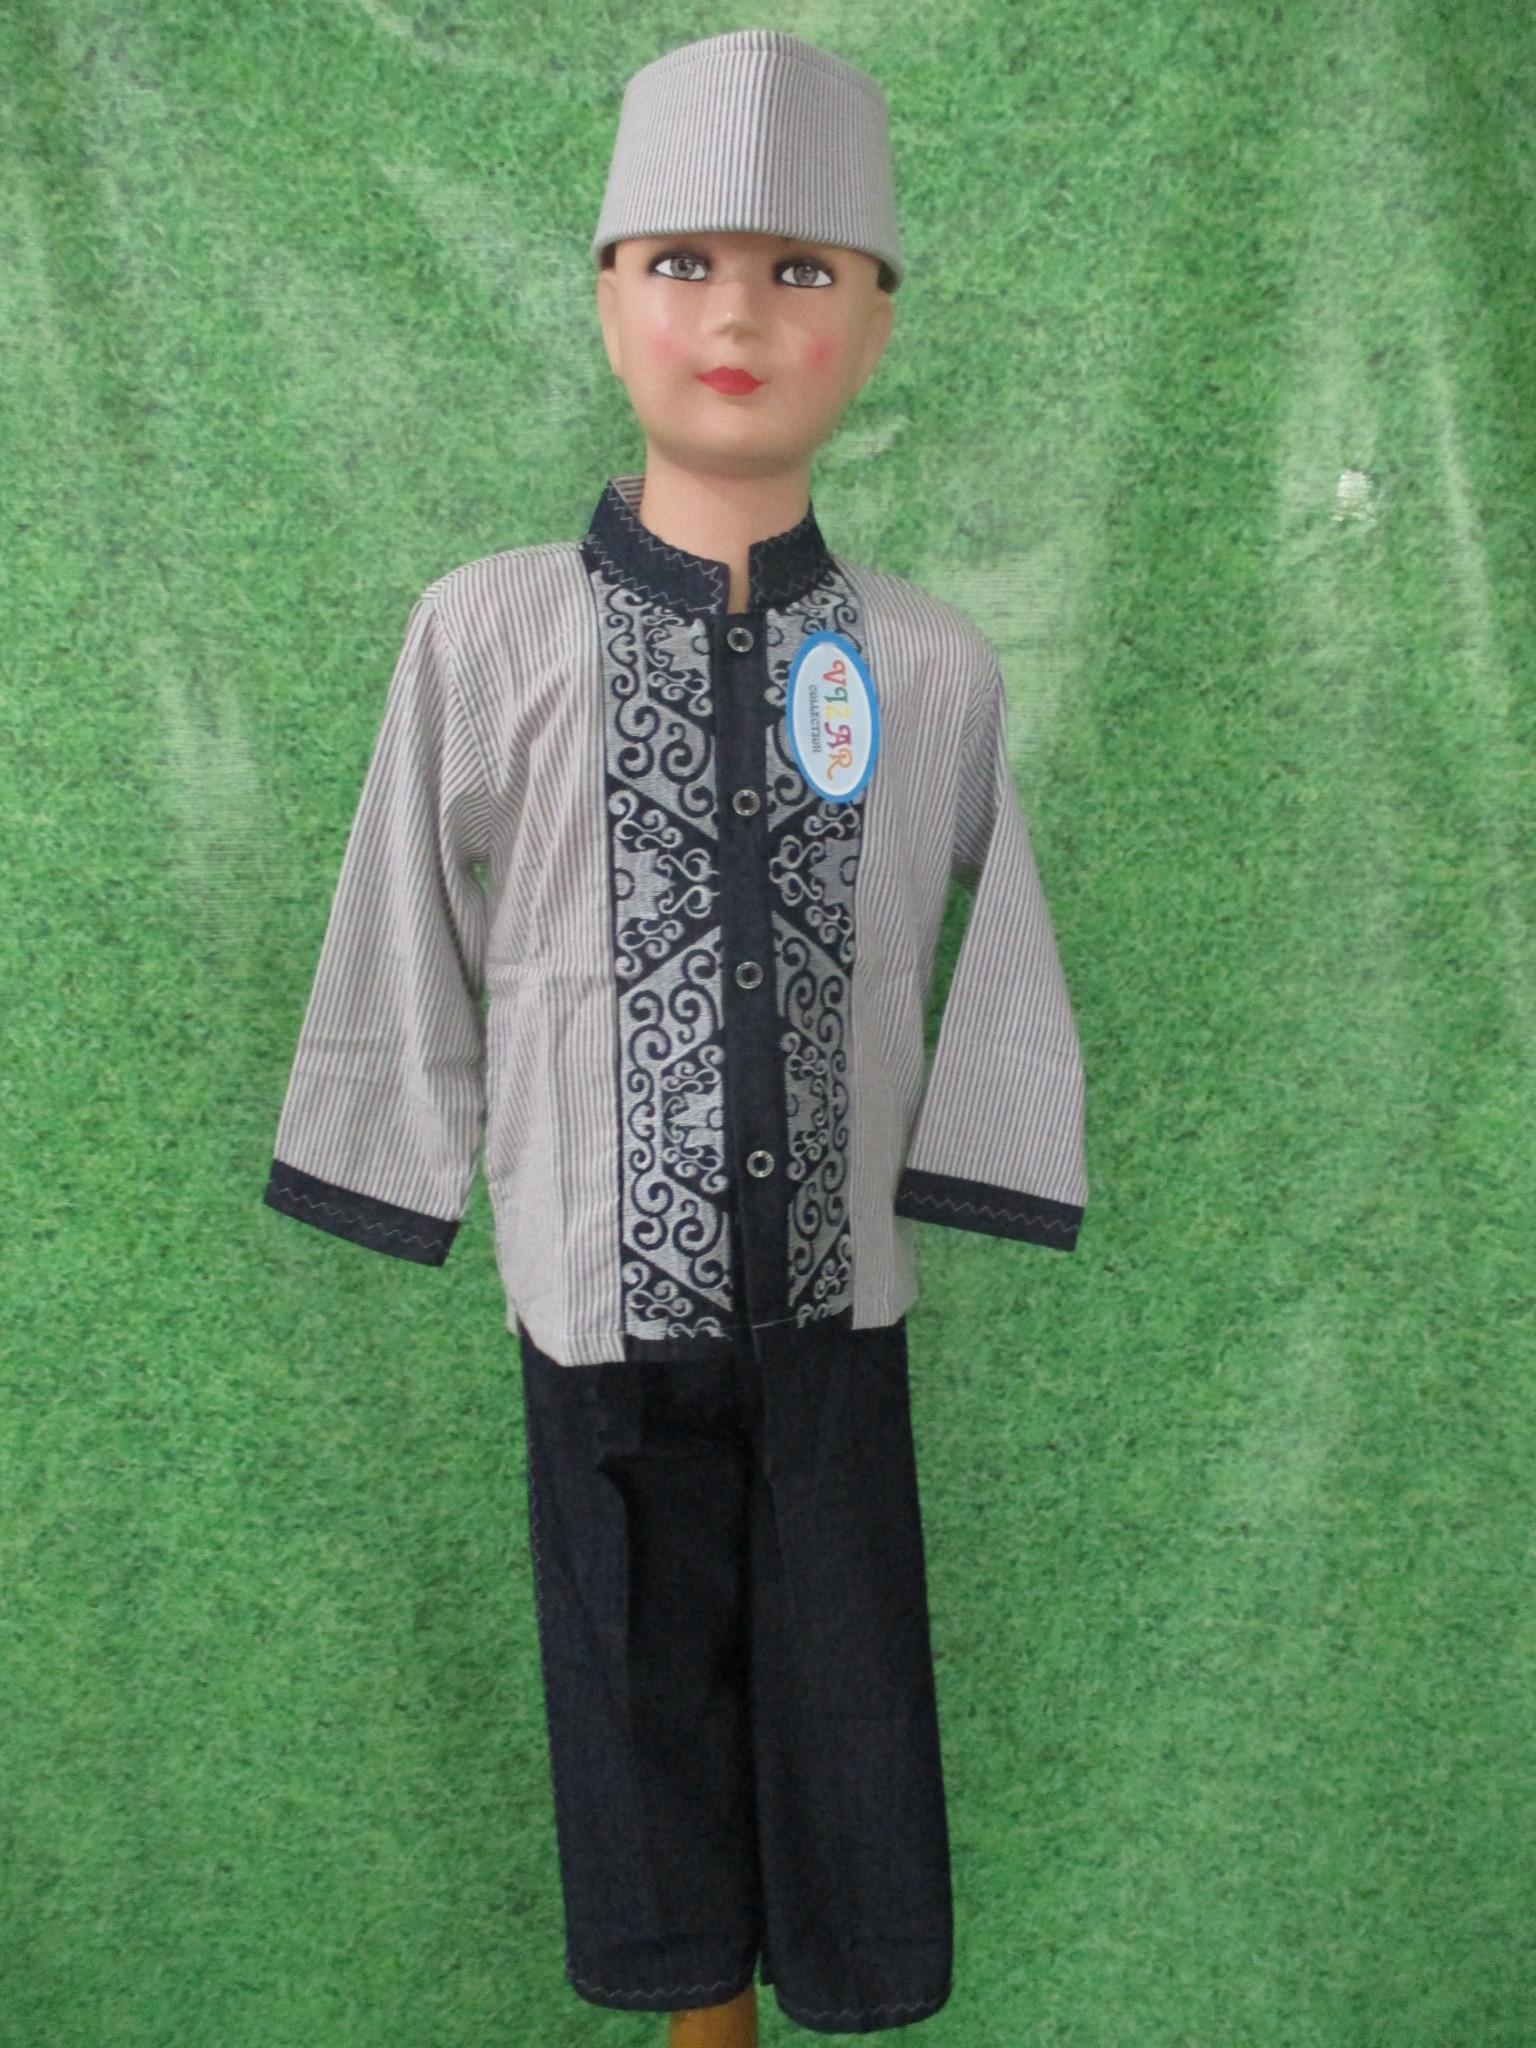 ObralanBaju.com Obral Baju Pakaian Murah Meriah 5000 Koko Vizar